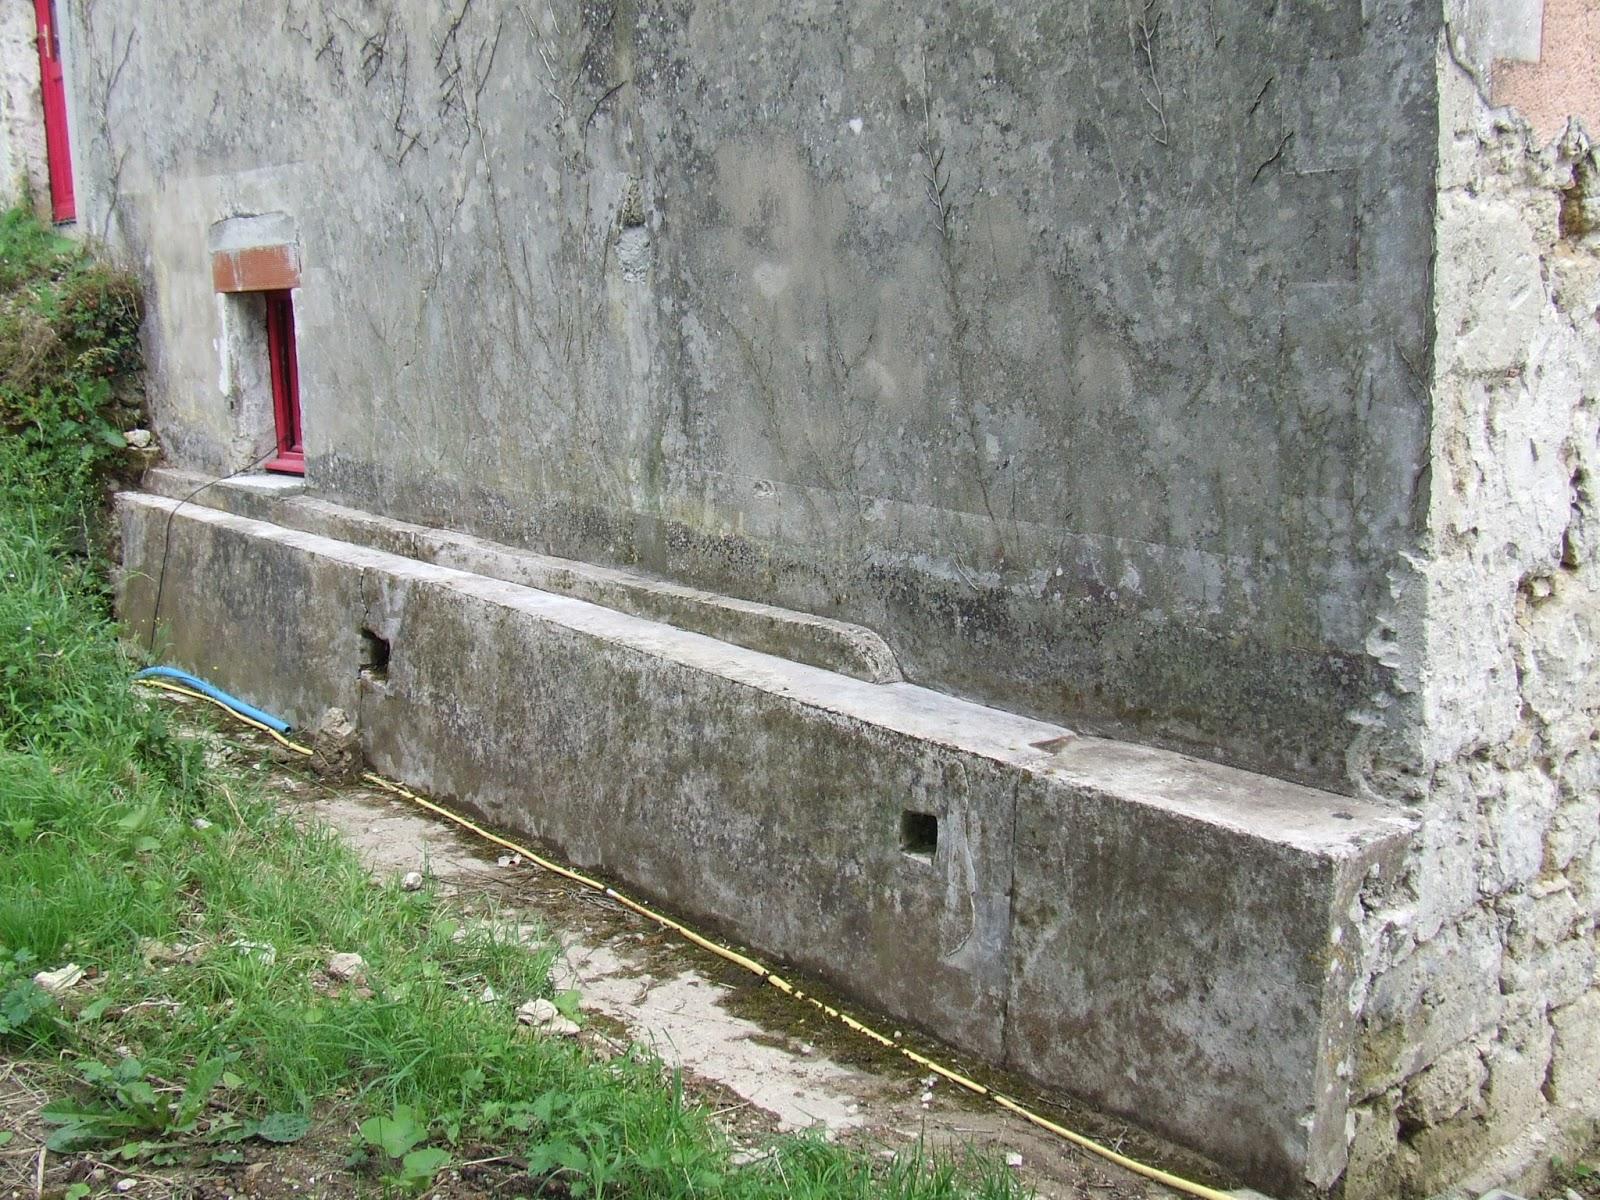 Les terrasses de bessou chantier maintenant 15 23 for Chambre criminelle 13 juin 1972